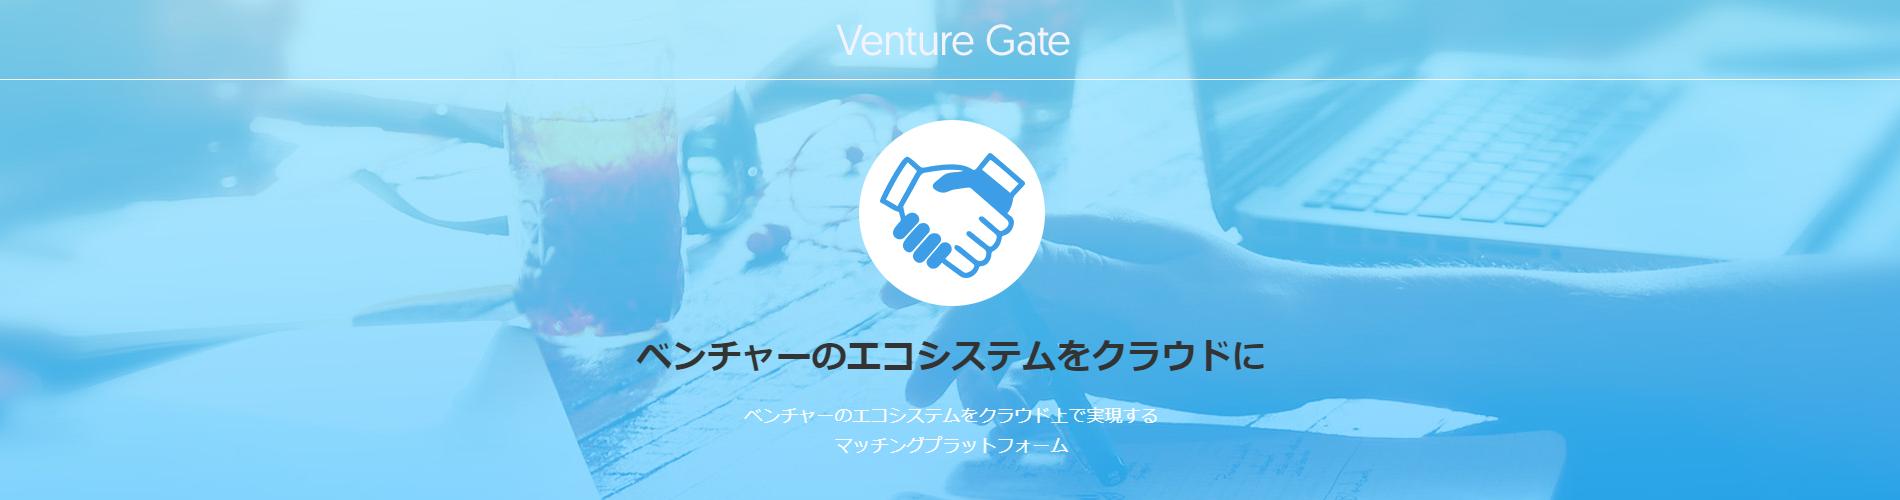 企業間マッチングプラットフォーム「VentureGate」